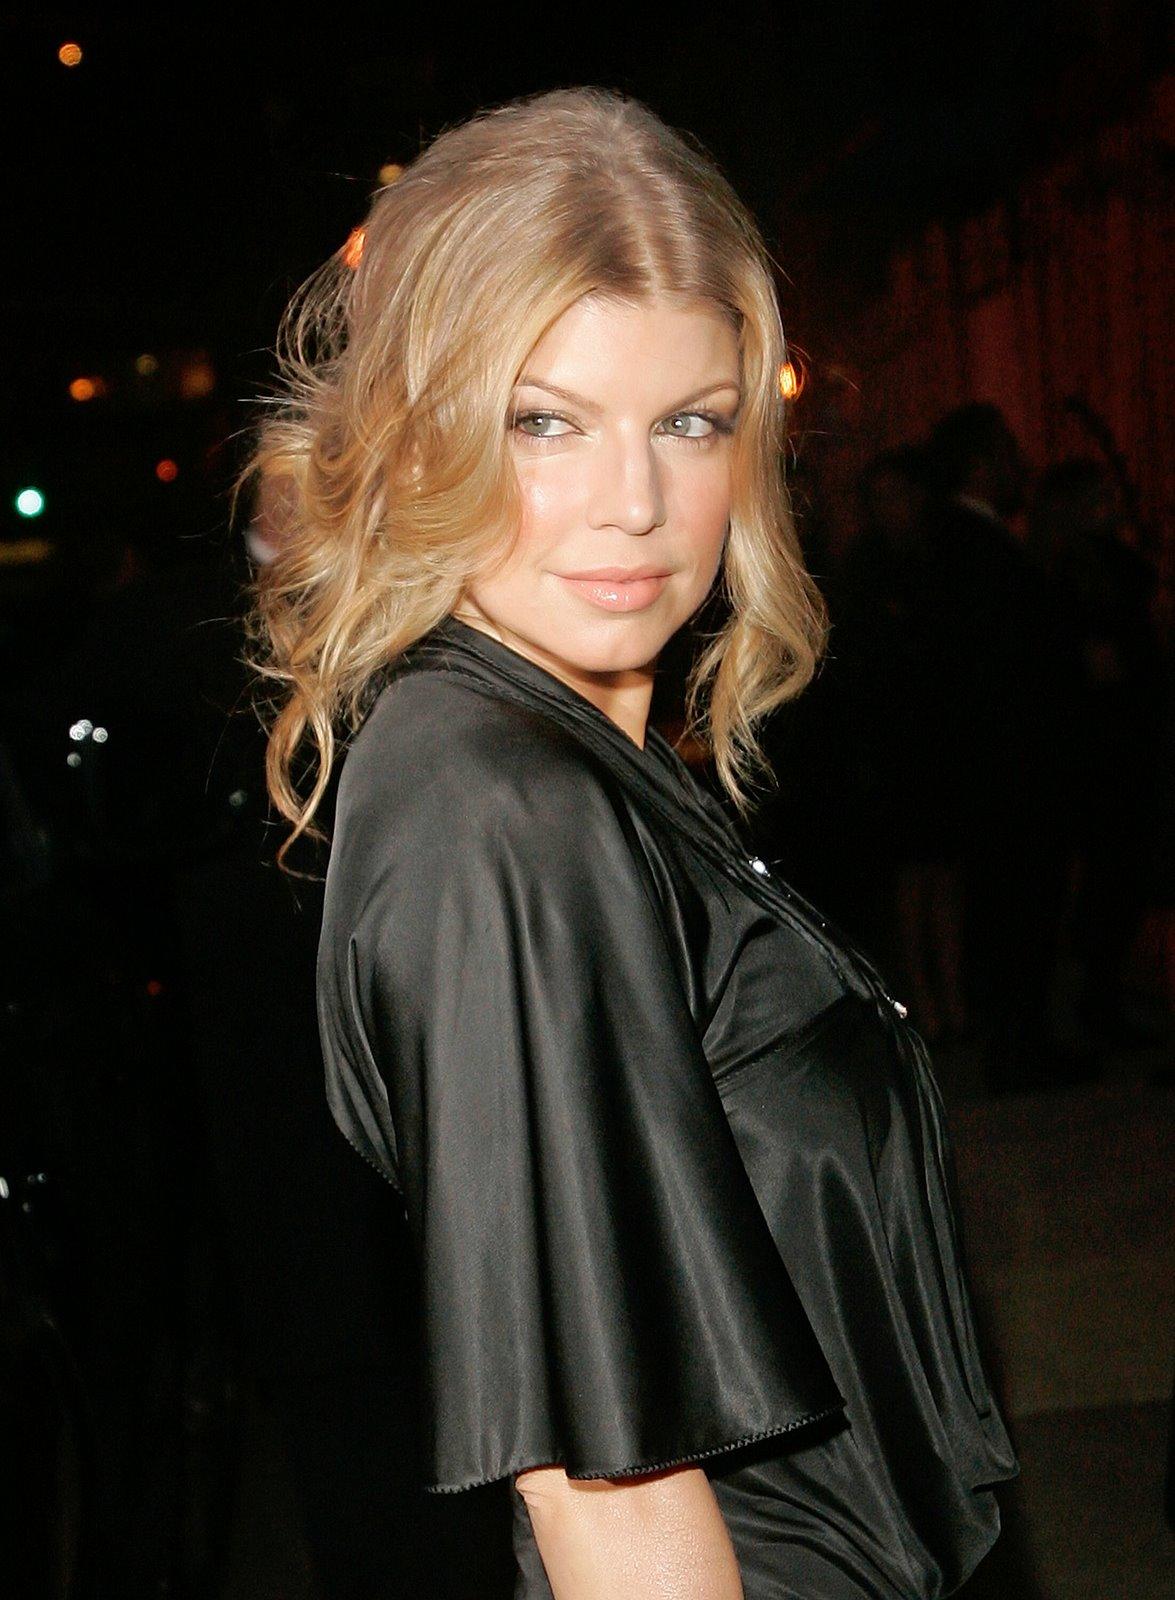 http://2.bp.blogspot.com/_2J0zHNa4gDo/R1CAnEk_jiI/AAAAAAAABWQ/ddTx2ki2T8c/s1600-R/21769_stacy_fergie_ferguson_promoting_wilhelmina_models_02_122_356lo.jpg